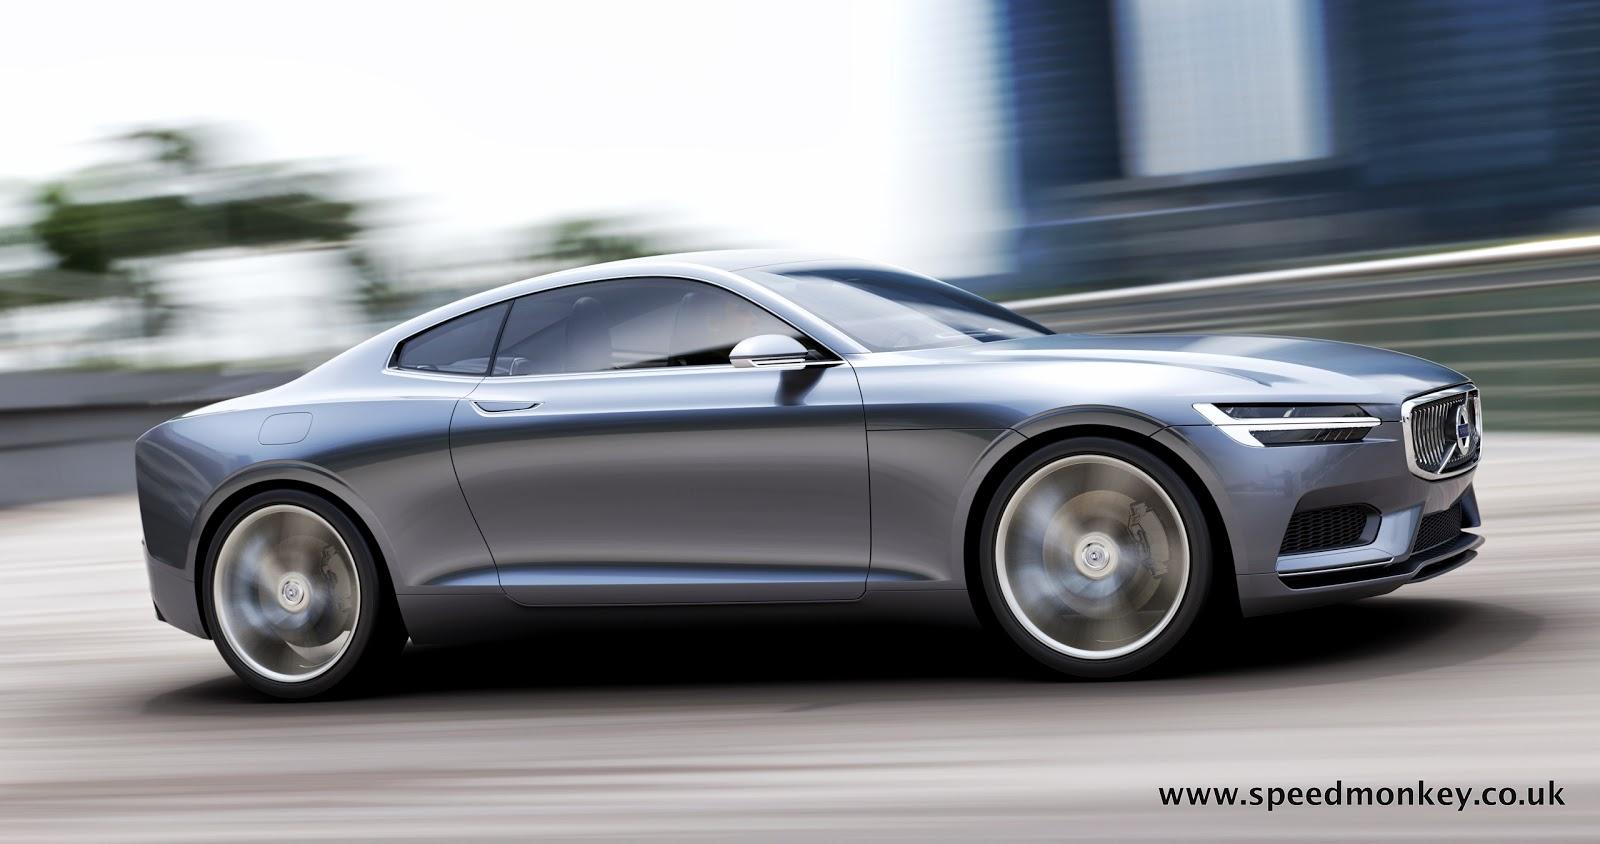 Speedmonkey Volvo Concept Coupe  The New P1800